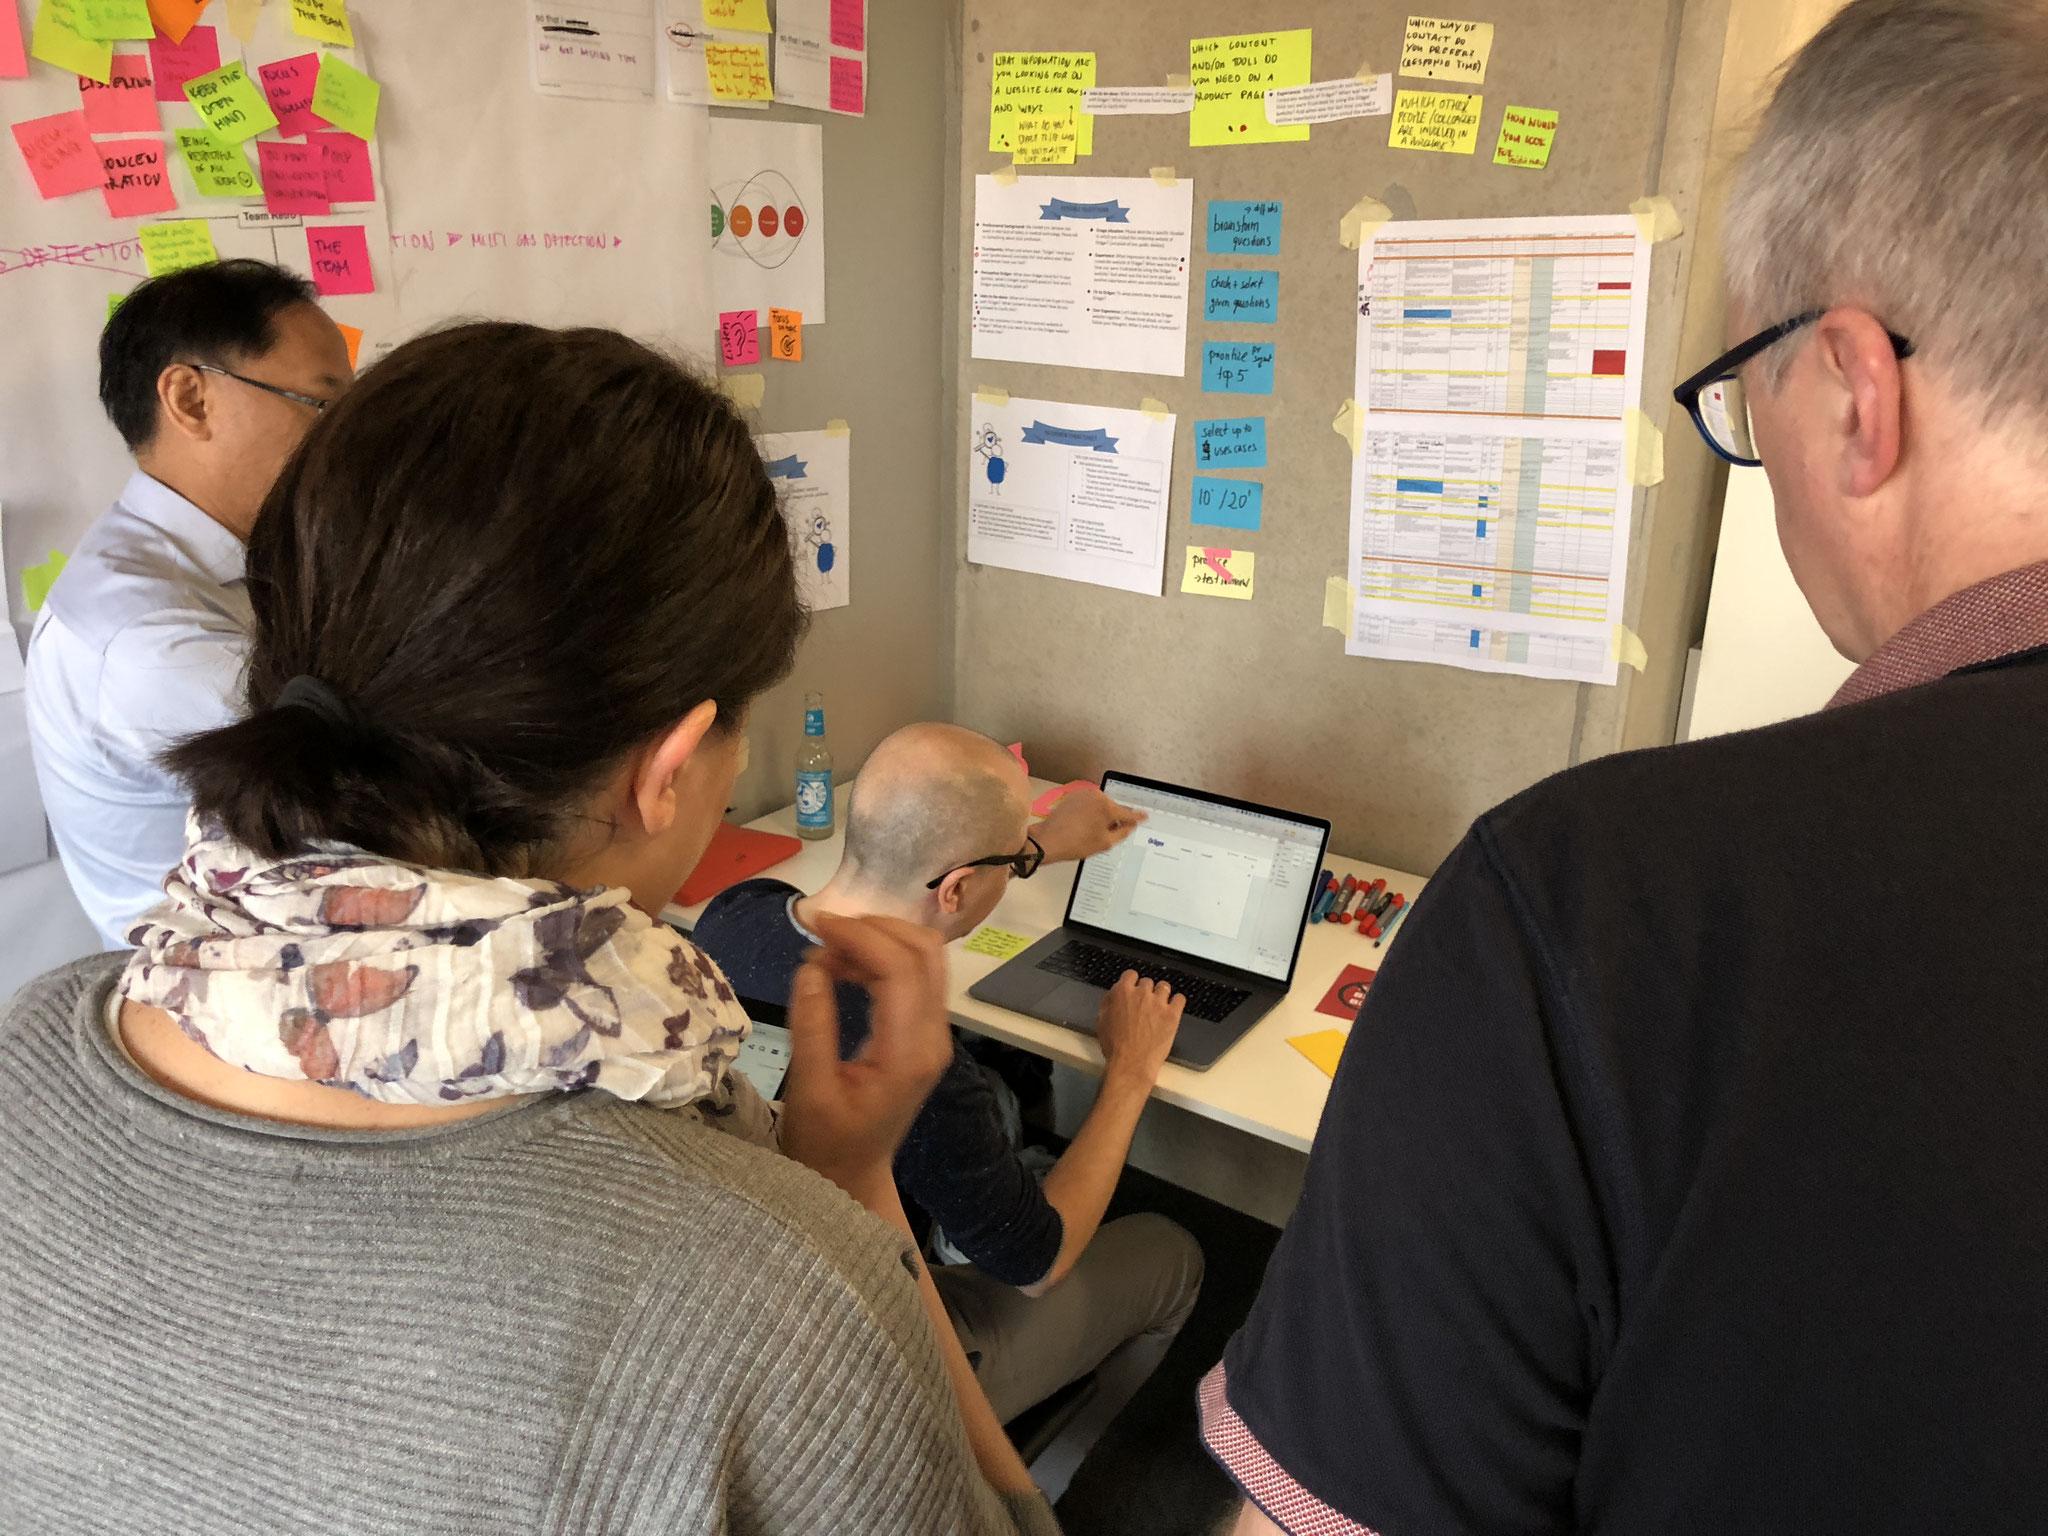 Die UX Designer setzen die Papierprototypen über Nacht in digitale Prototypen um - es folgen letzte Abstimmungen mit dem Team.